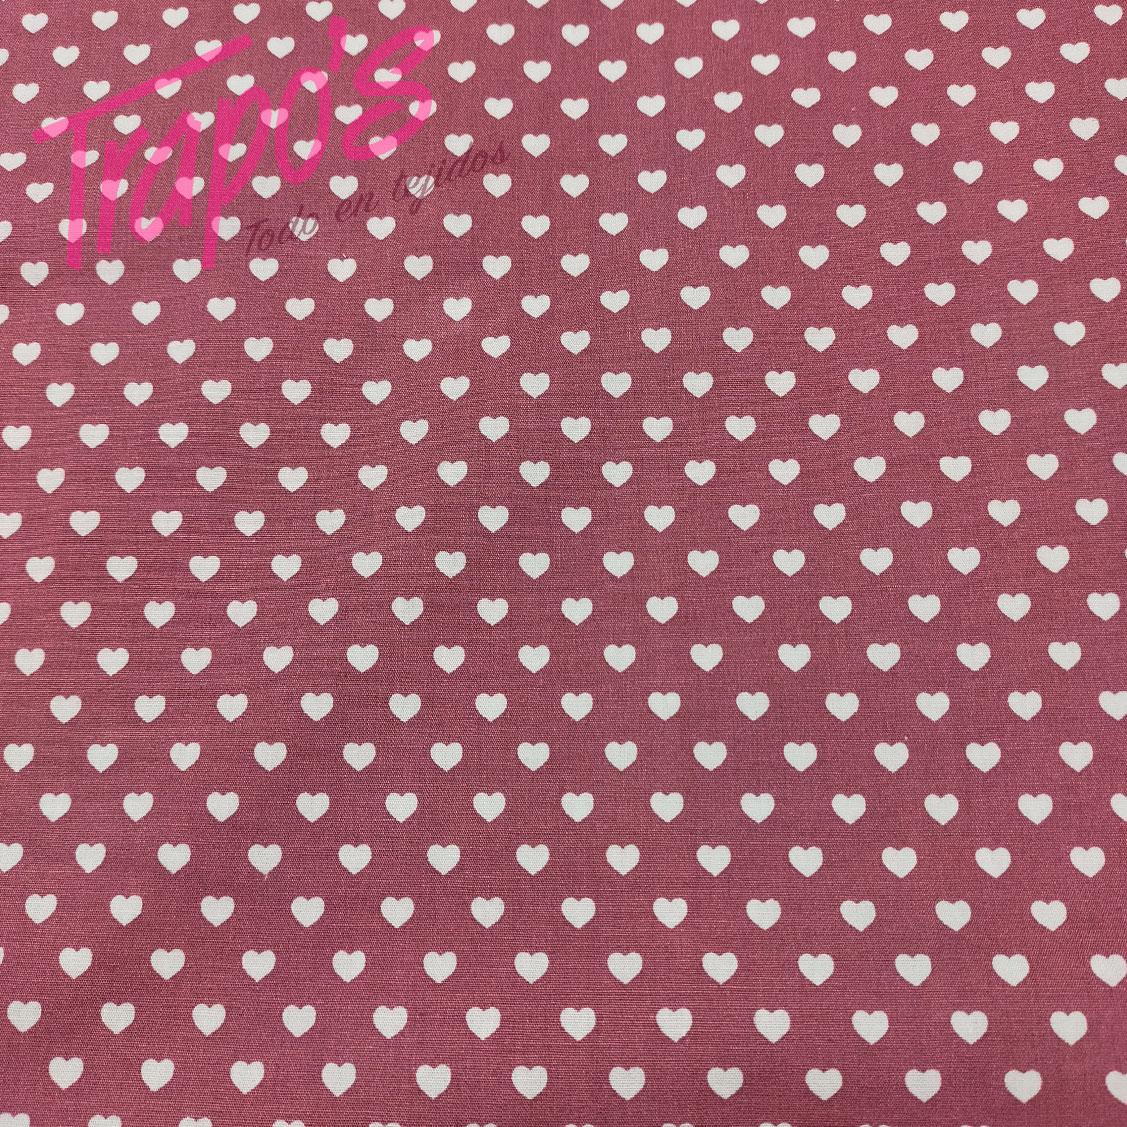 corazon-rosado2